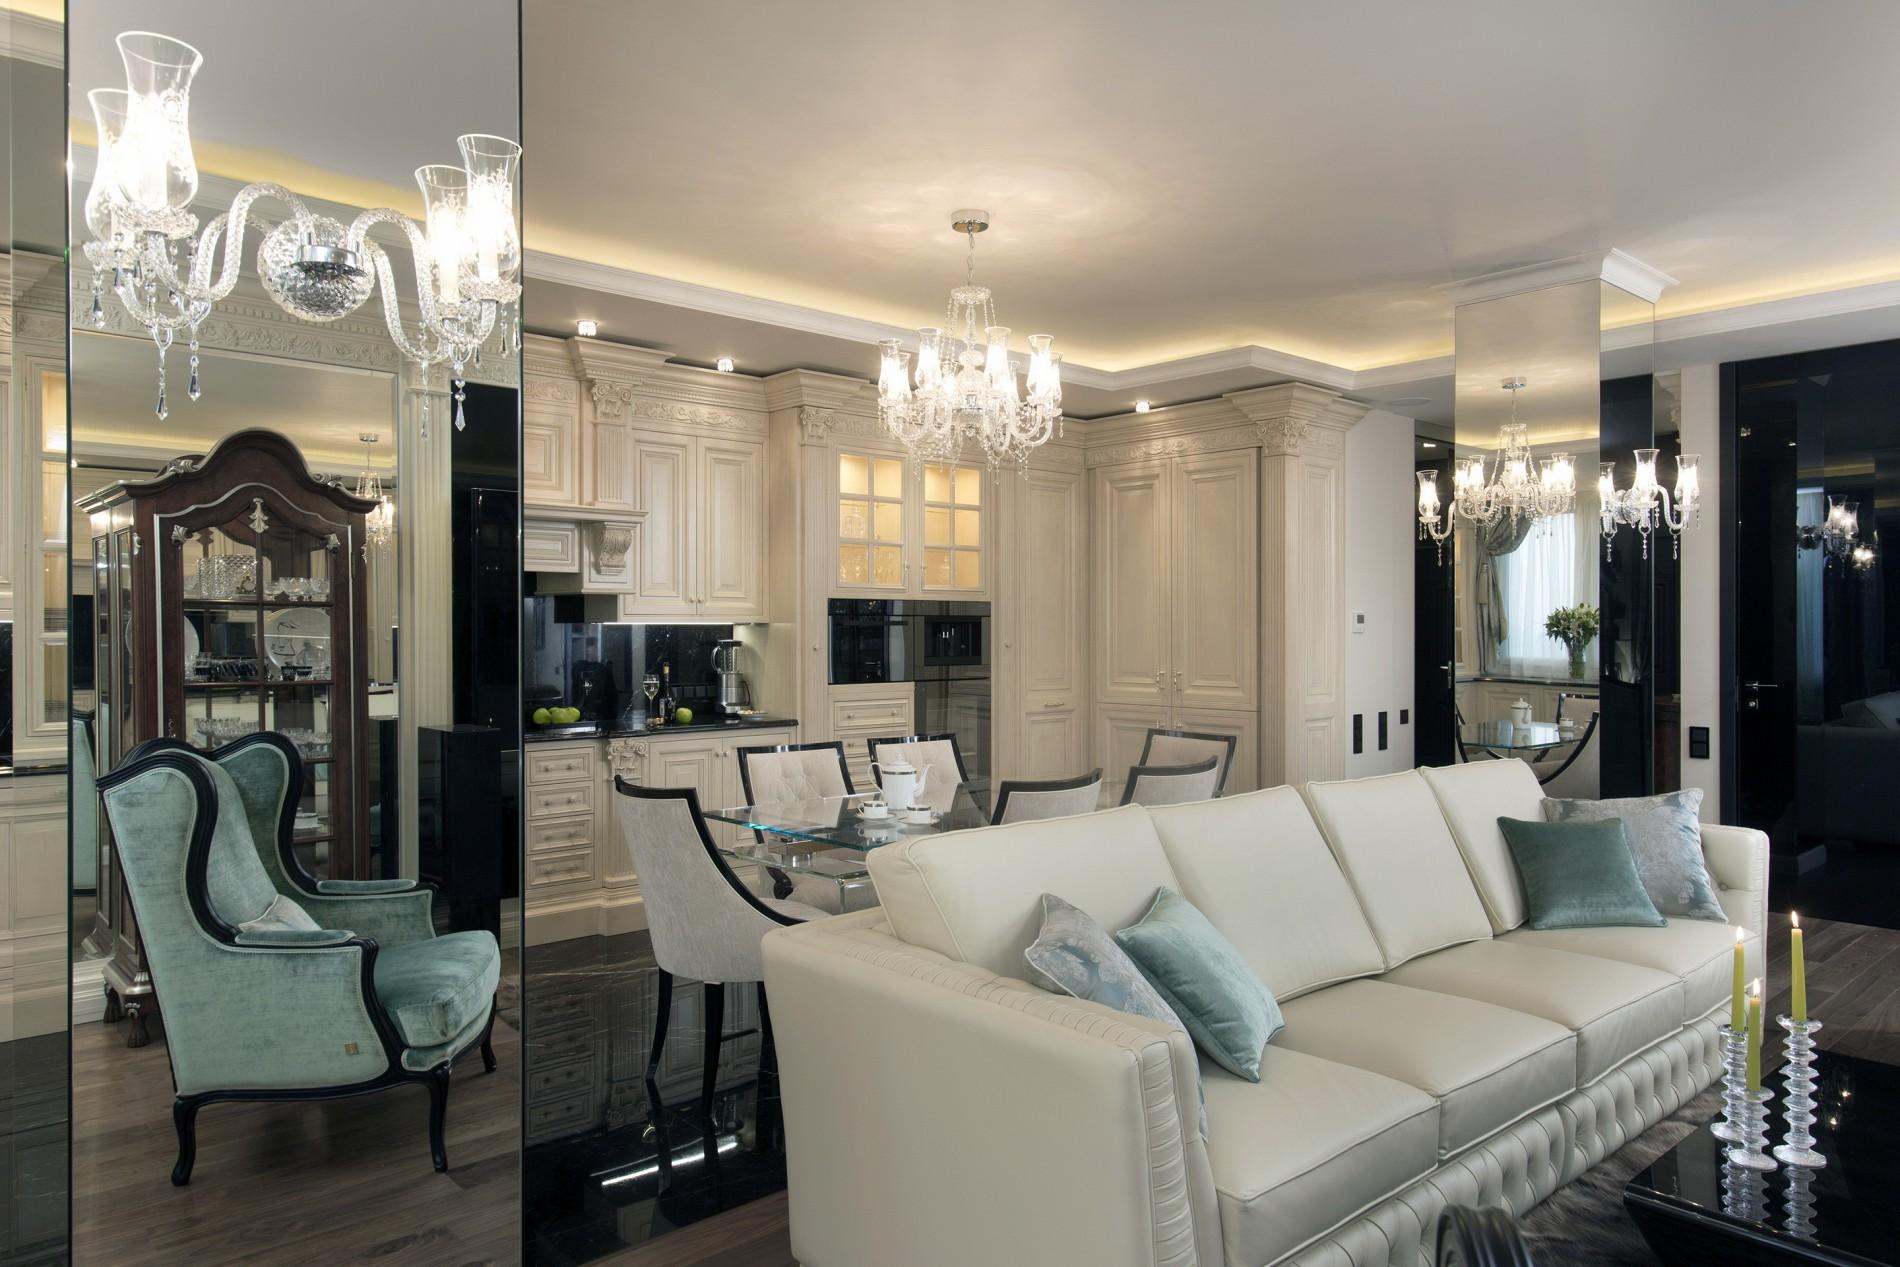 Фото элитного интерьера гостиной с зеркальными колоннами